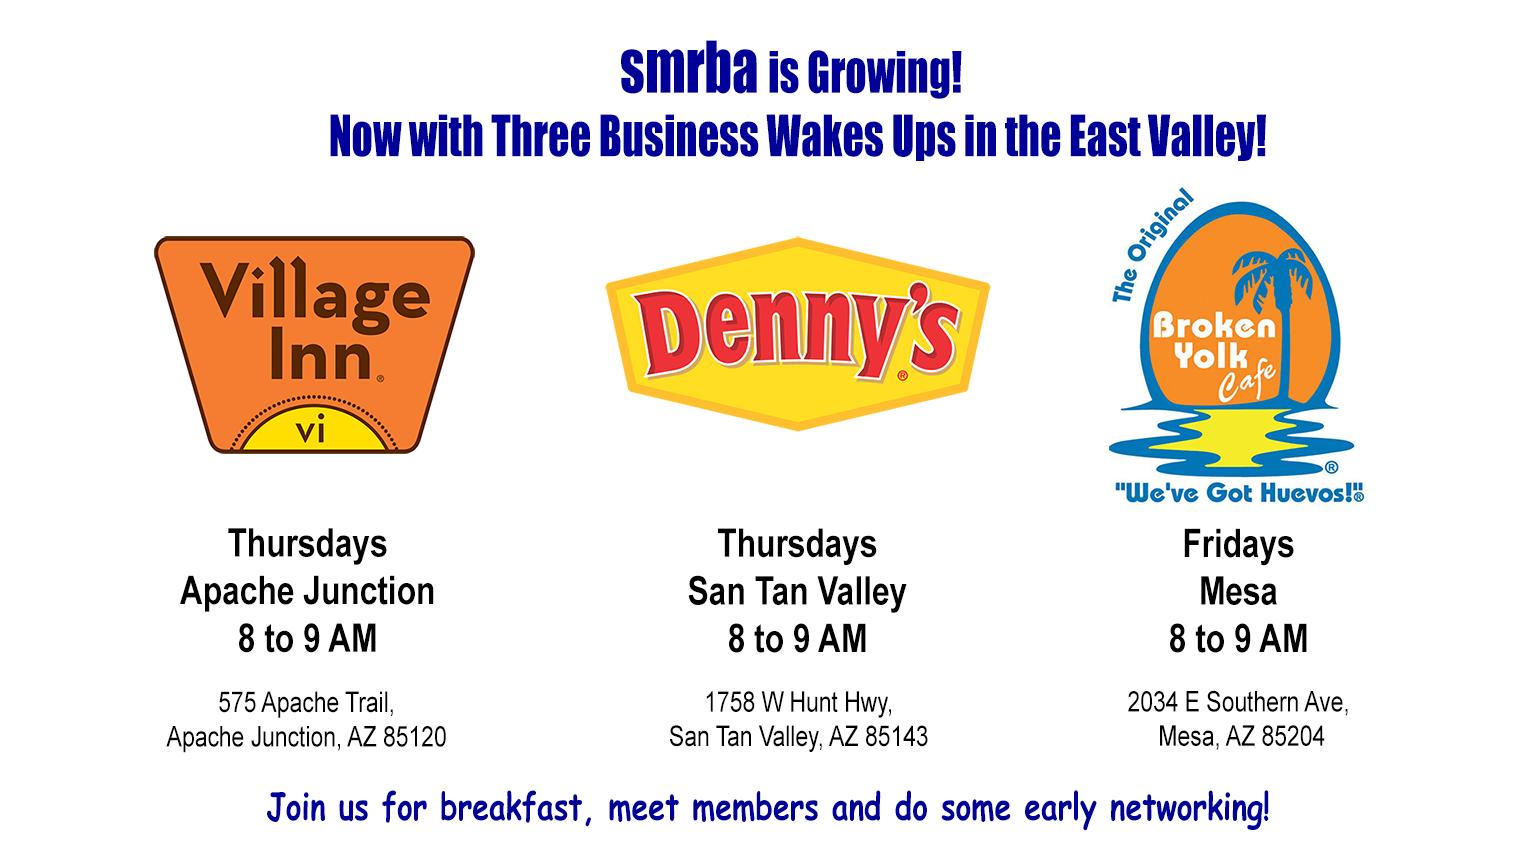 Business Wake Up Slider 3-31-18